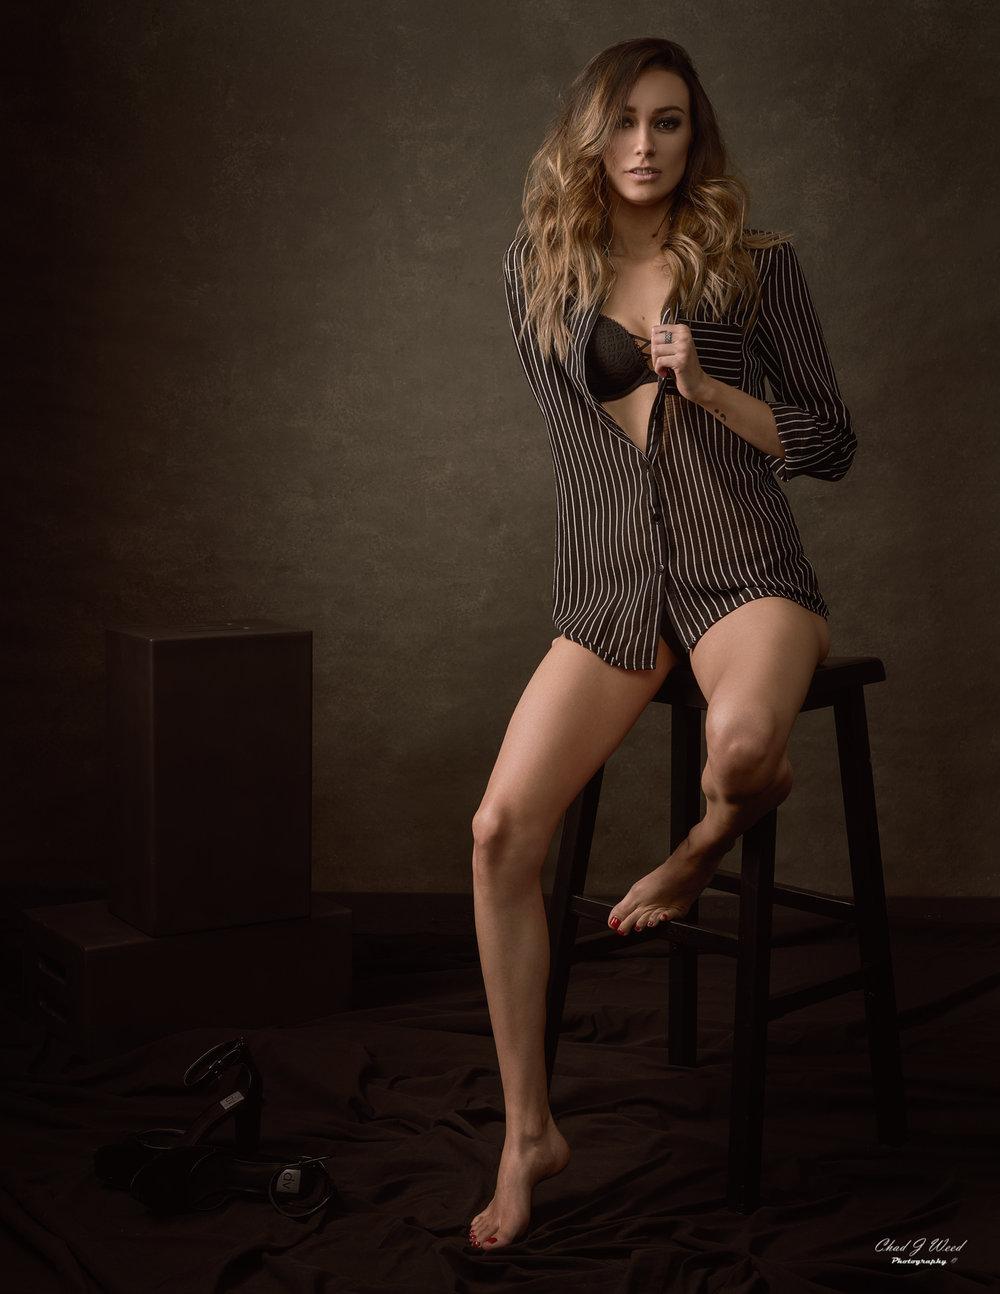 Mesa Arizona Fashion Portrait Photographer Chad Weed with Model Dani